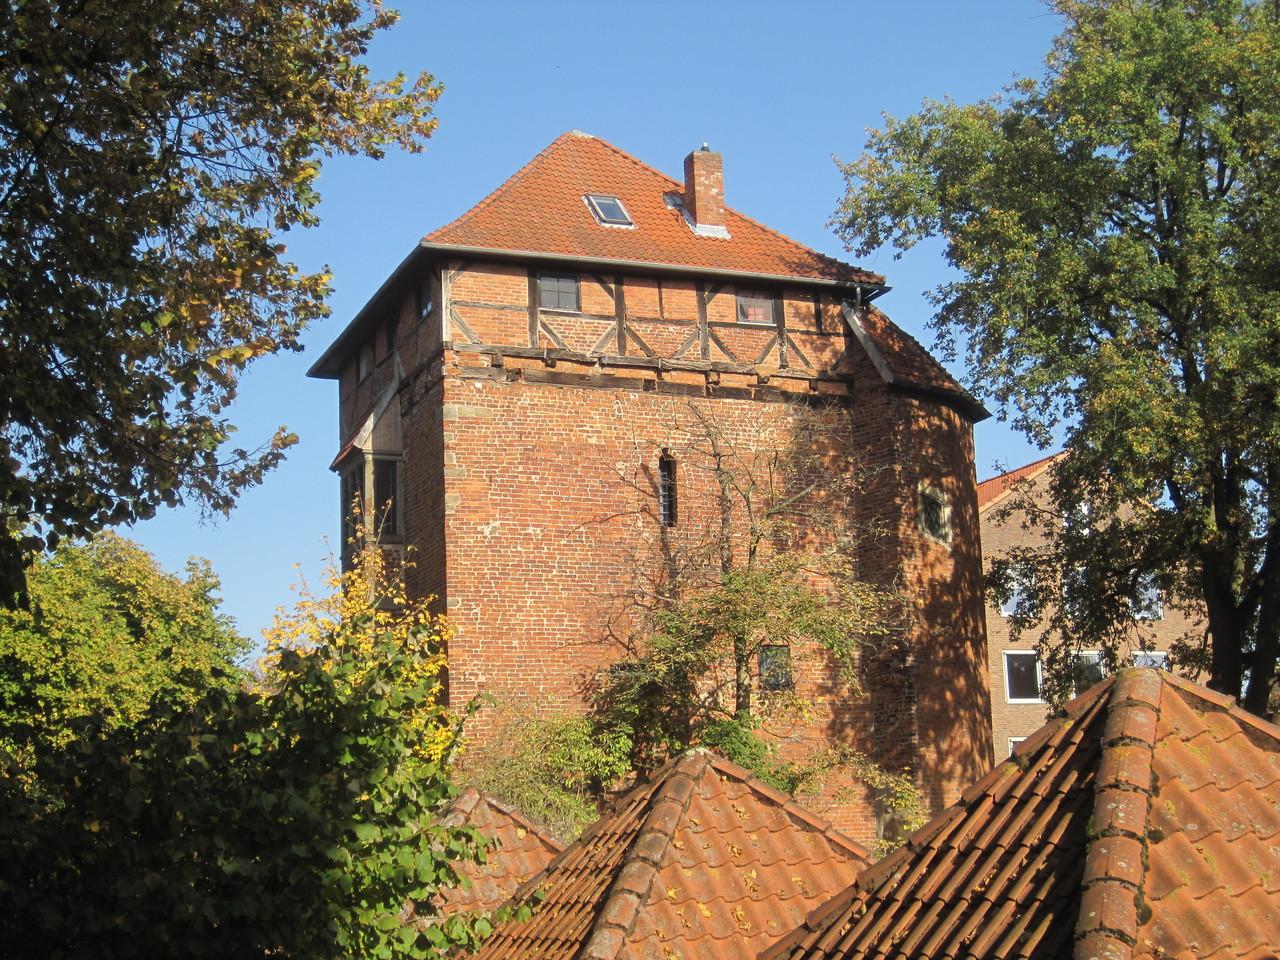 Stockturm - Wohn- und Wehrturm der alten Wasserburg